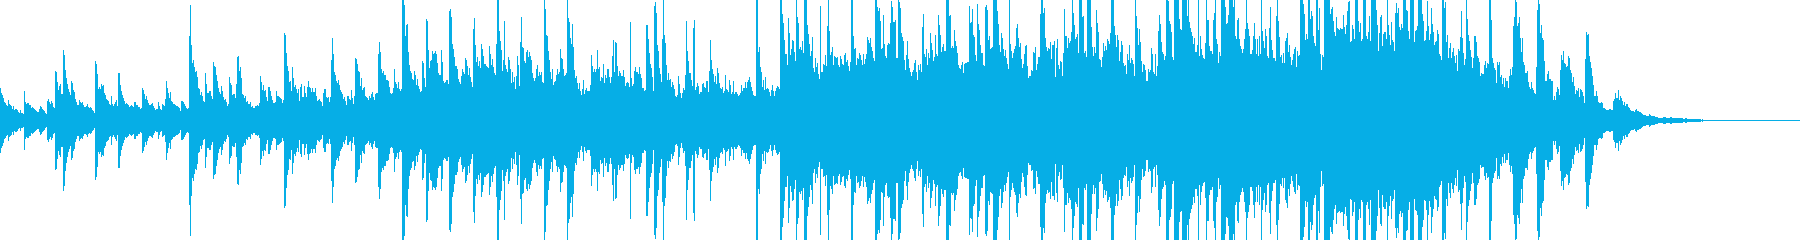 ピアノ、オーボエ、打楽器、弦、アコ...の再生済みの波形